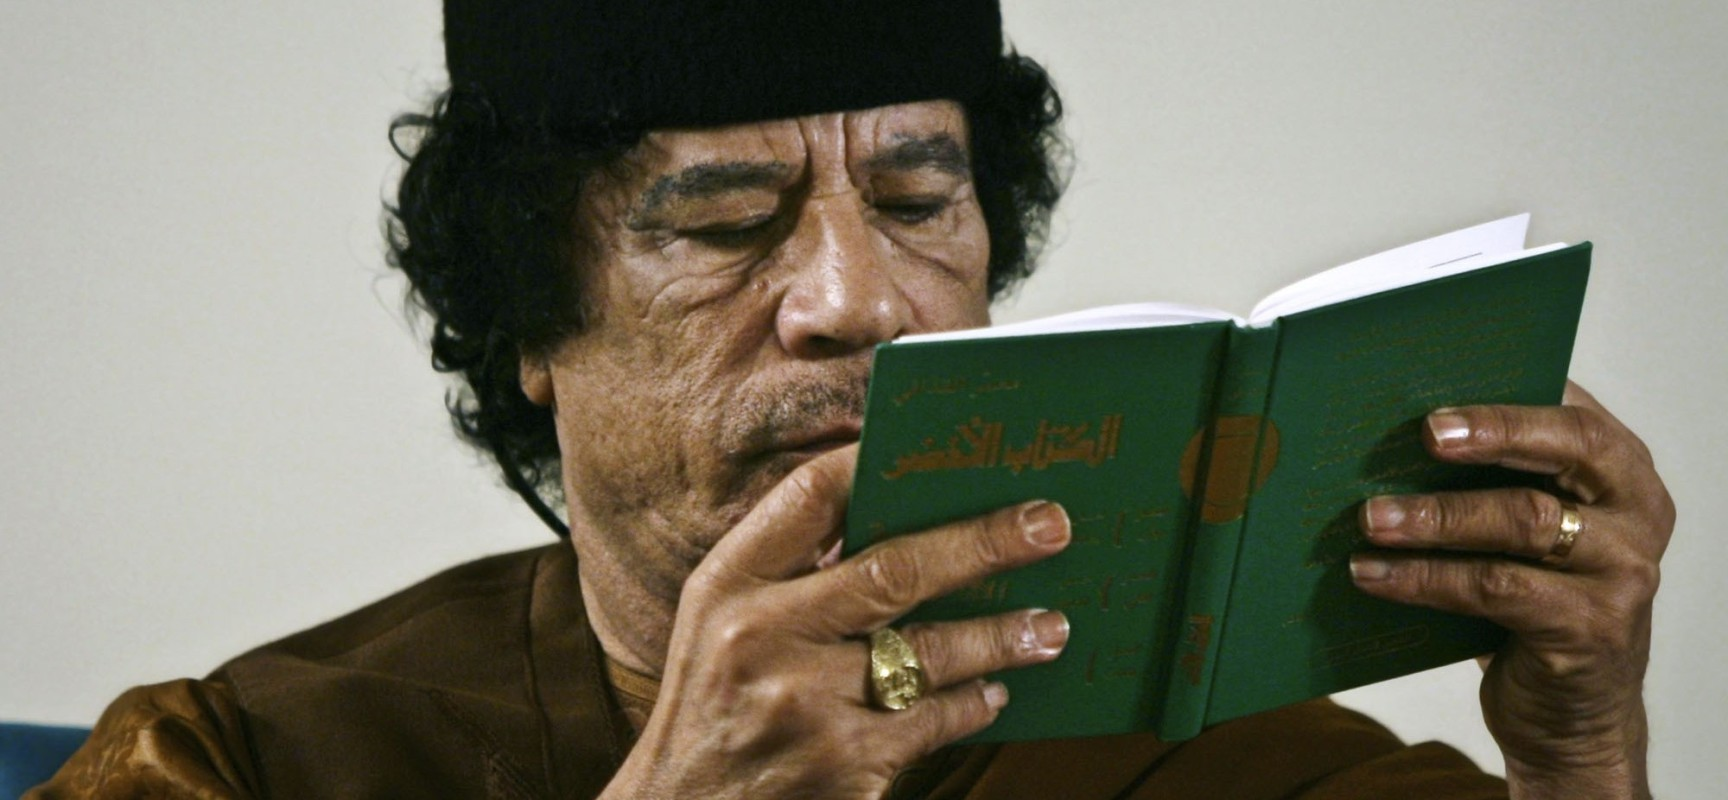 Les assassins de Muammar Gaddhafi et du peuple libyen courent toujours…